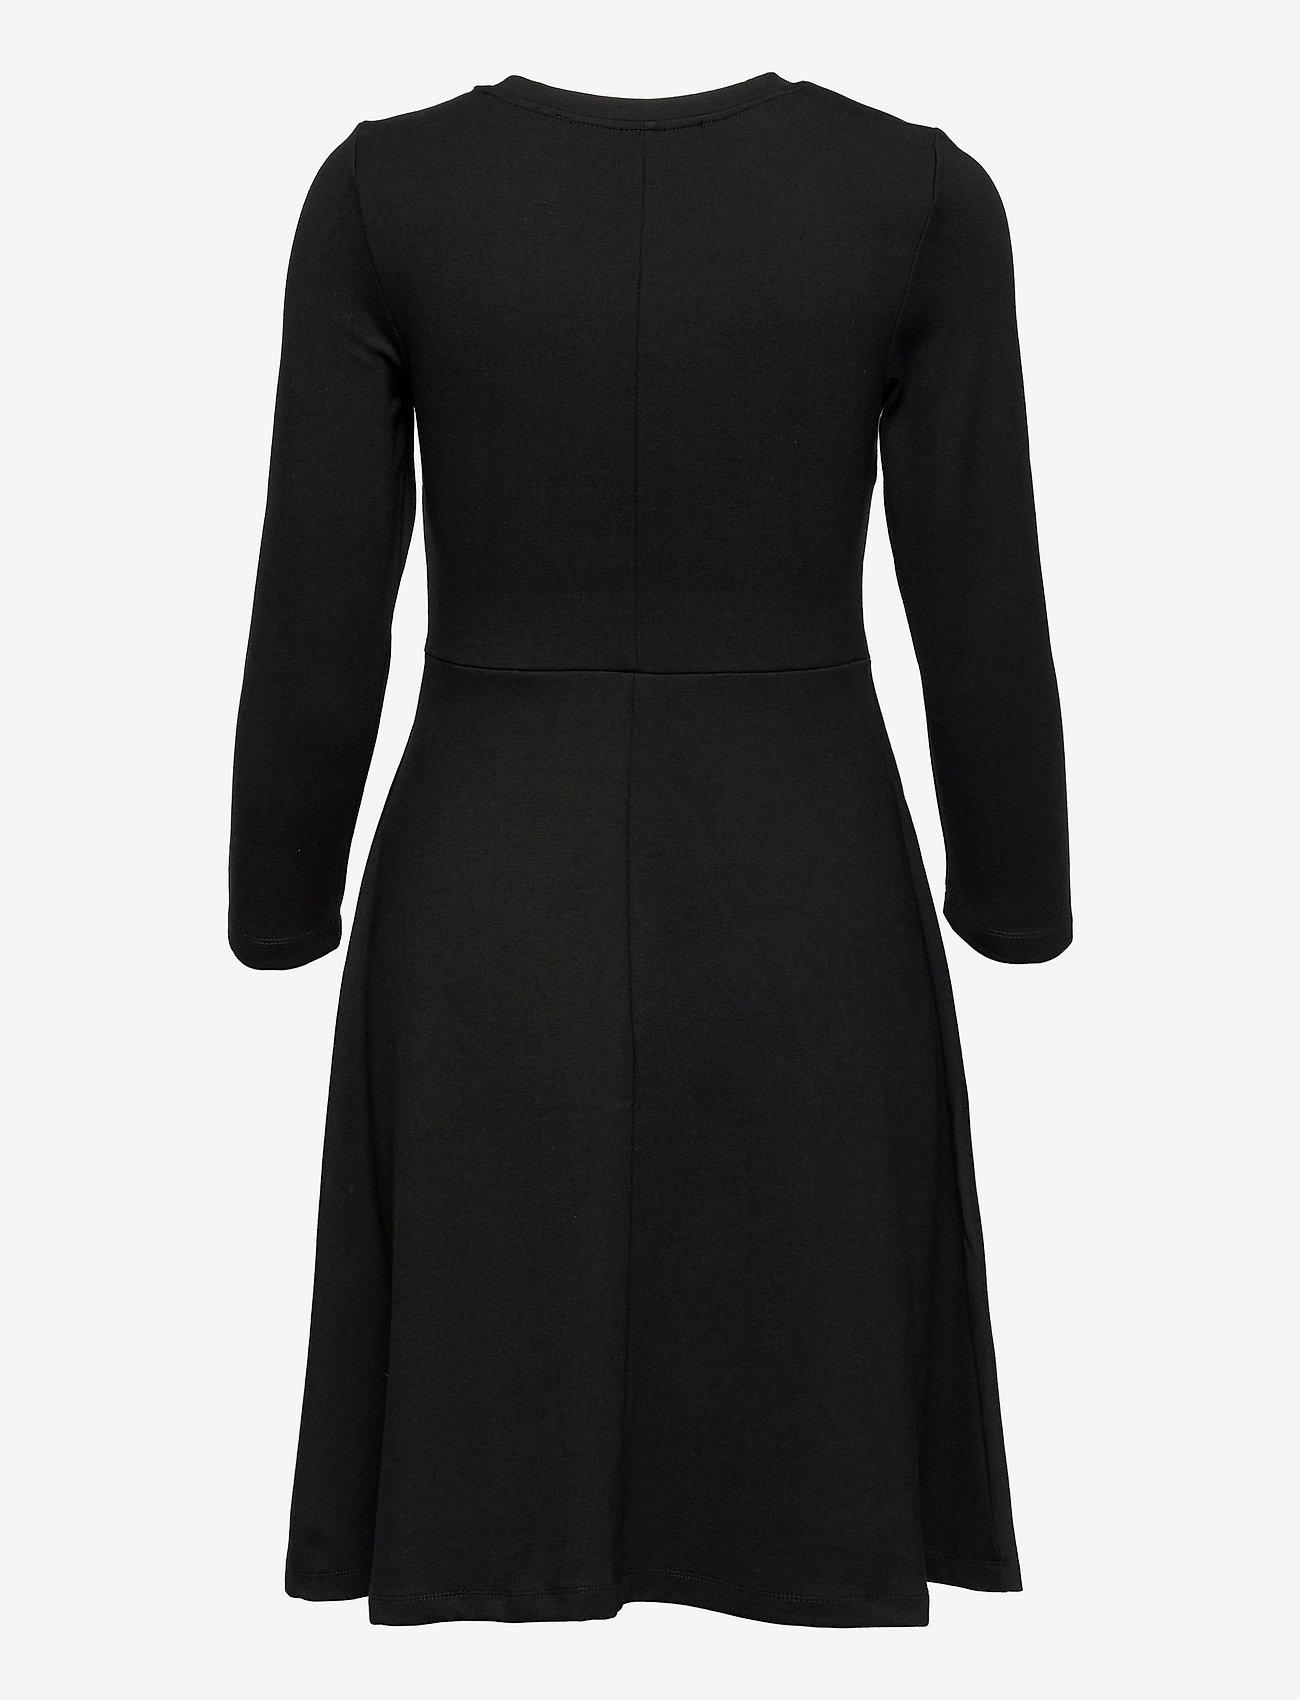 Selected Femme - SLFSTELLA 7/8 SKATER DRESS B - sommerkleider - black - 1